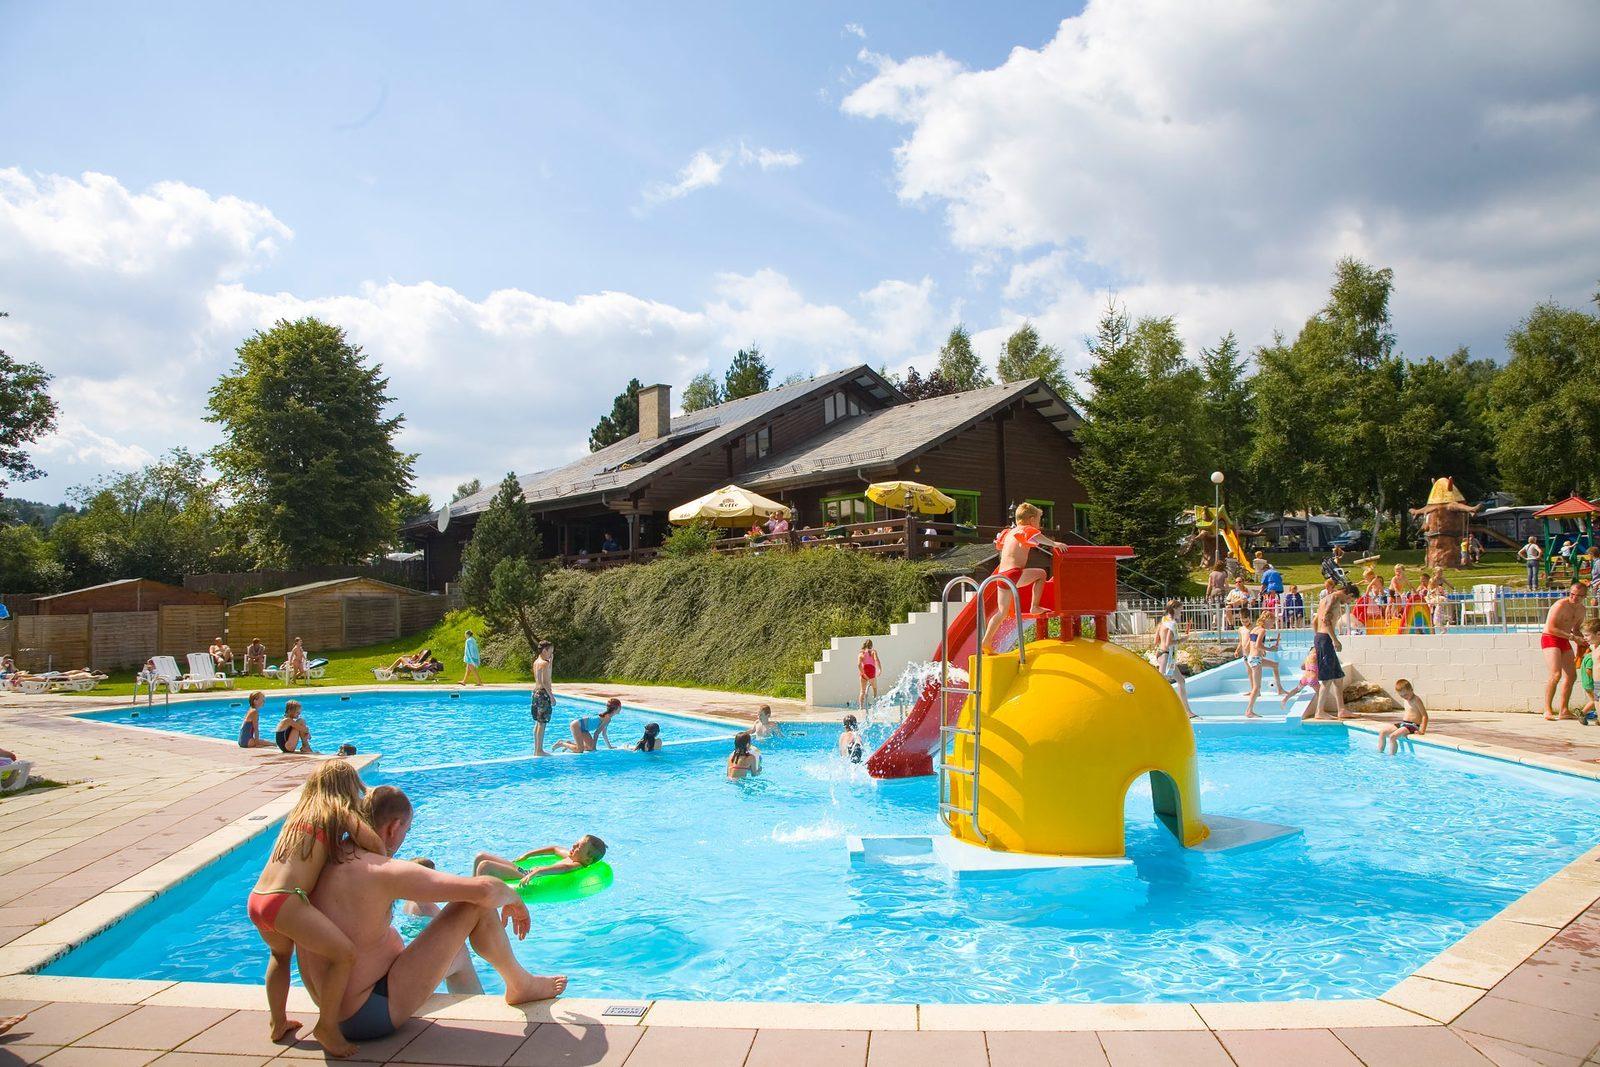 Facilities at Petite Suisse